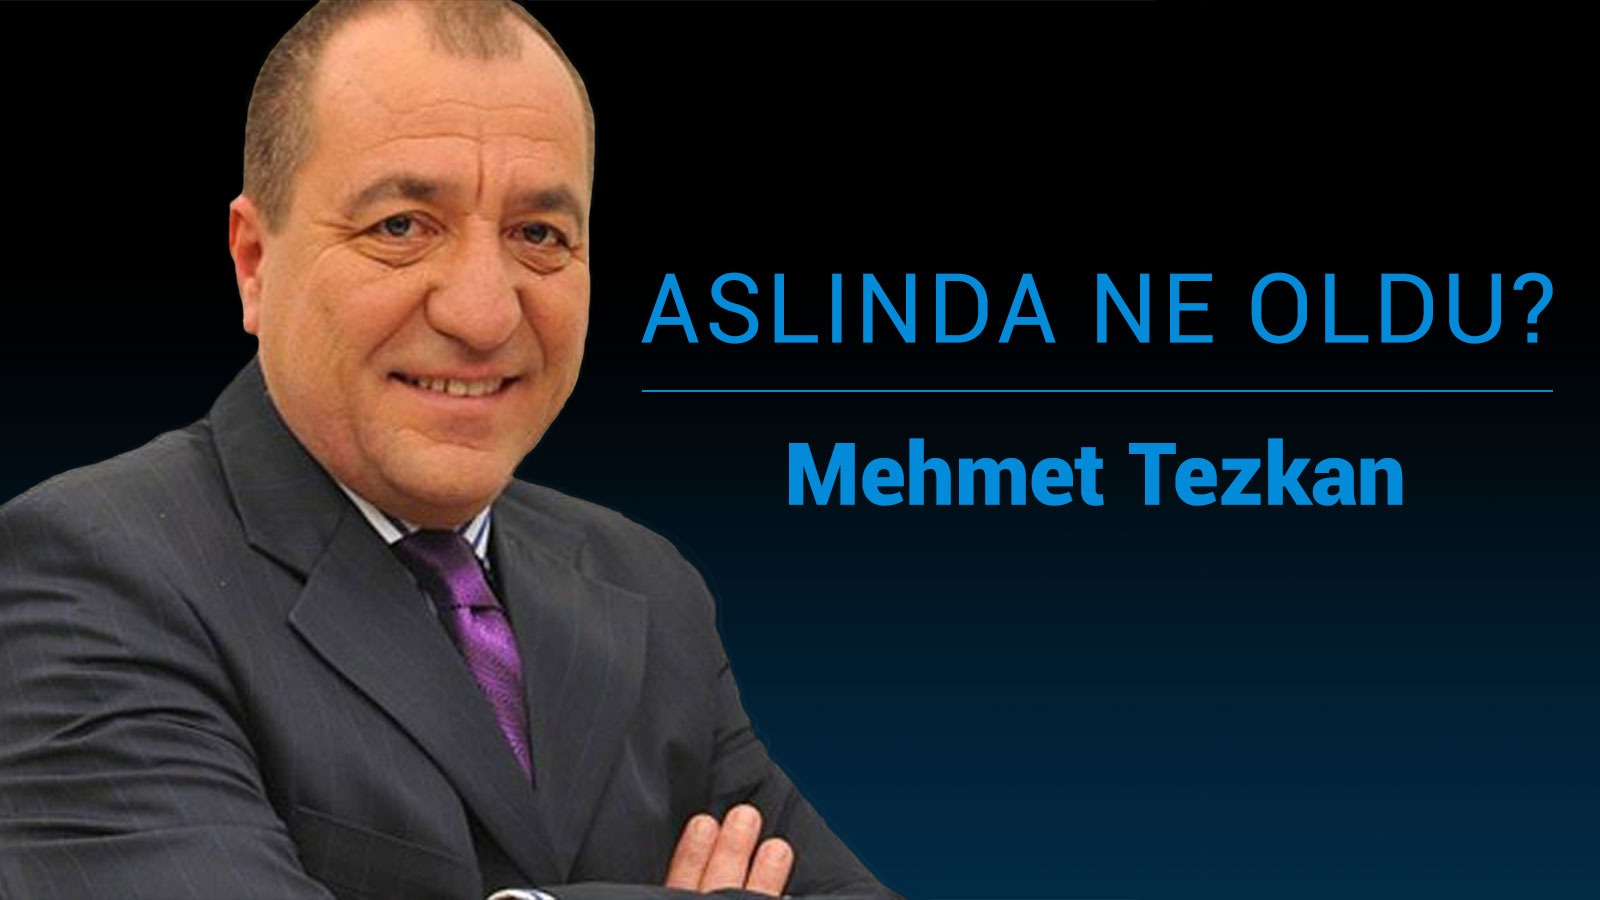 Mehmet Tezkan: Hazine ve Maliye Bakanı'nın algı operasyonu...